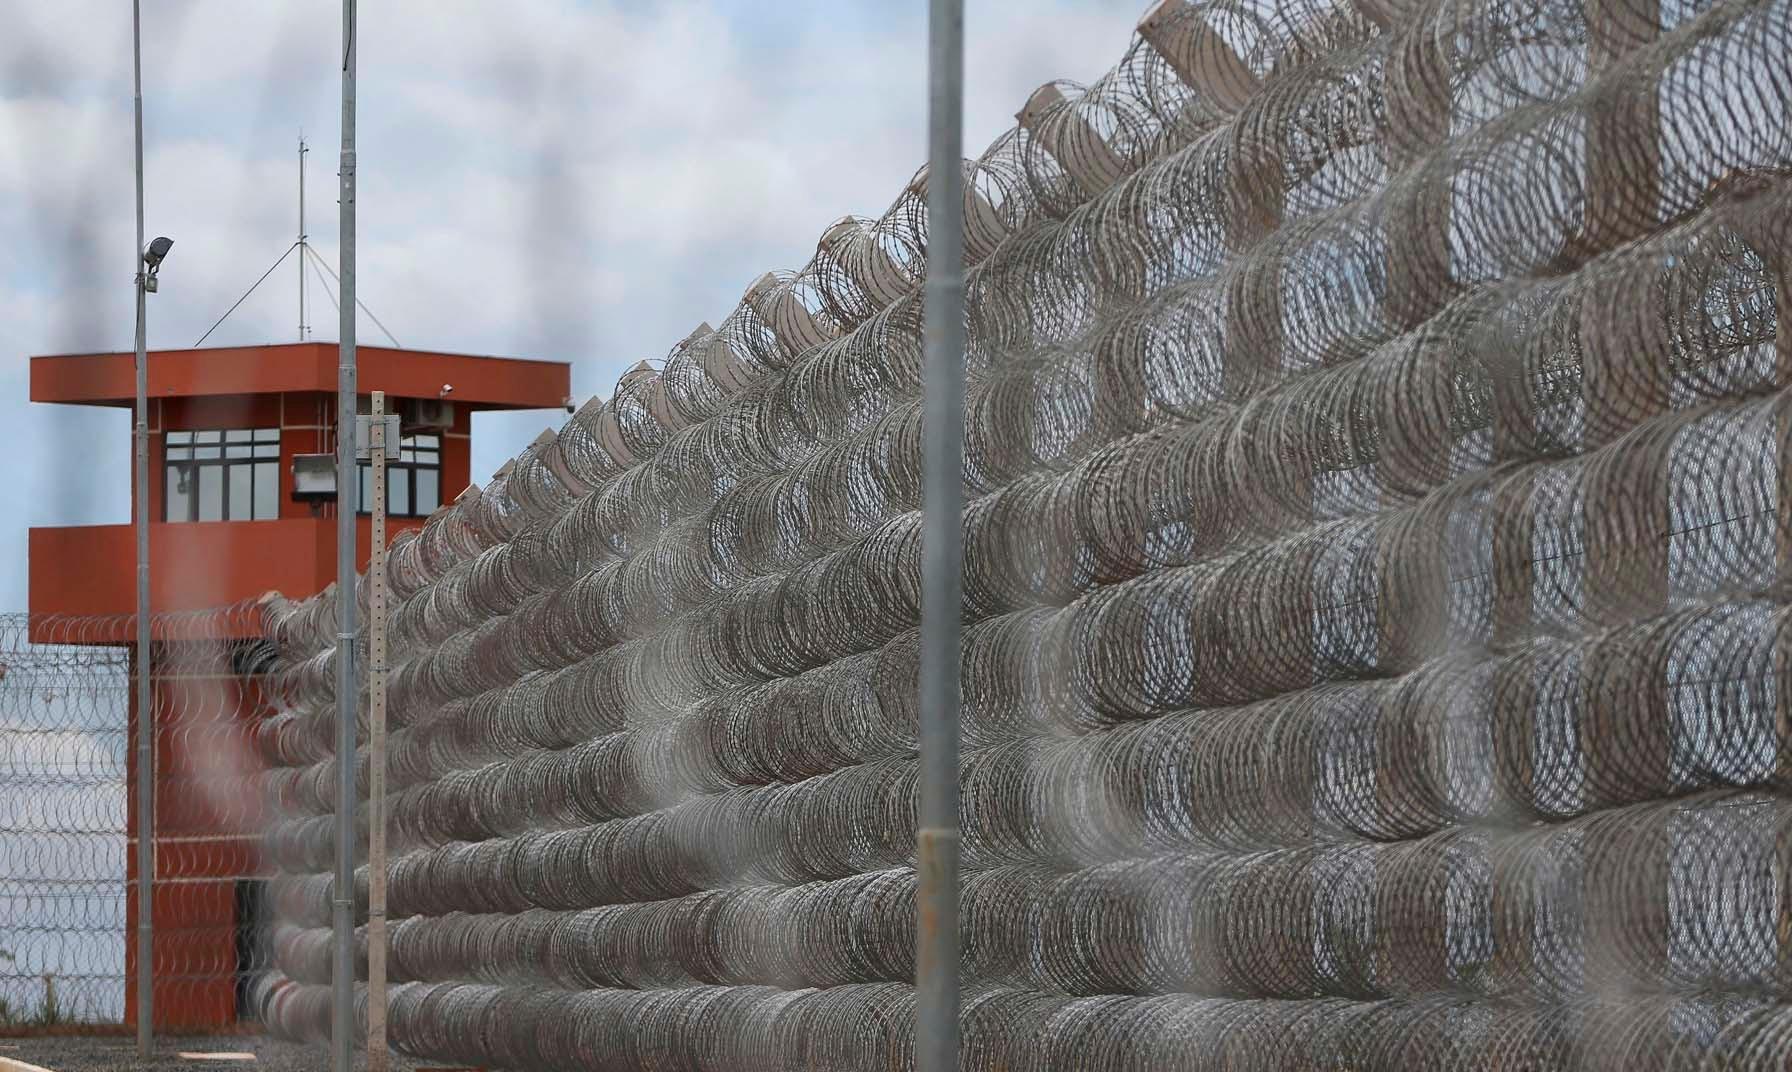 Segurança - presídio - penitenciária de segurança máxima Distrito Federal presos sistema carcerário RDD